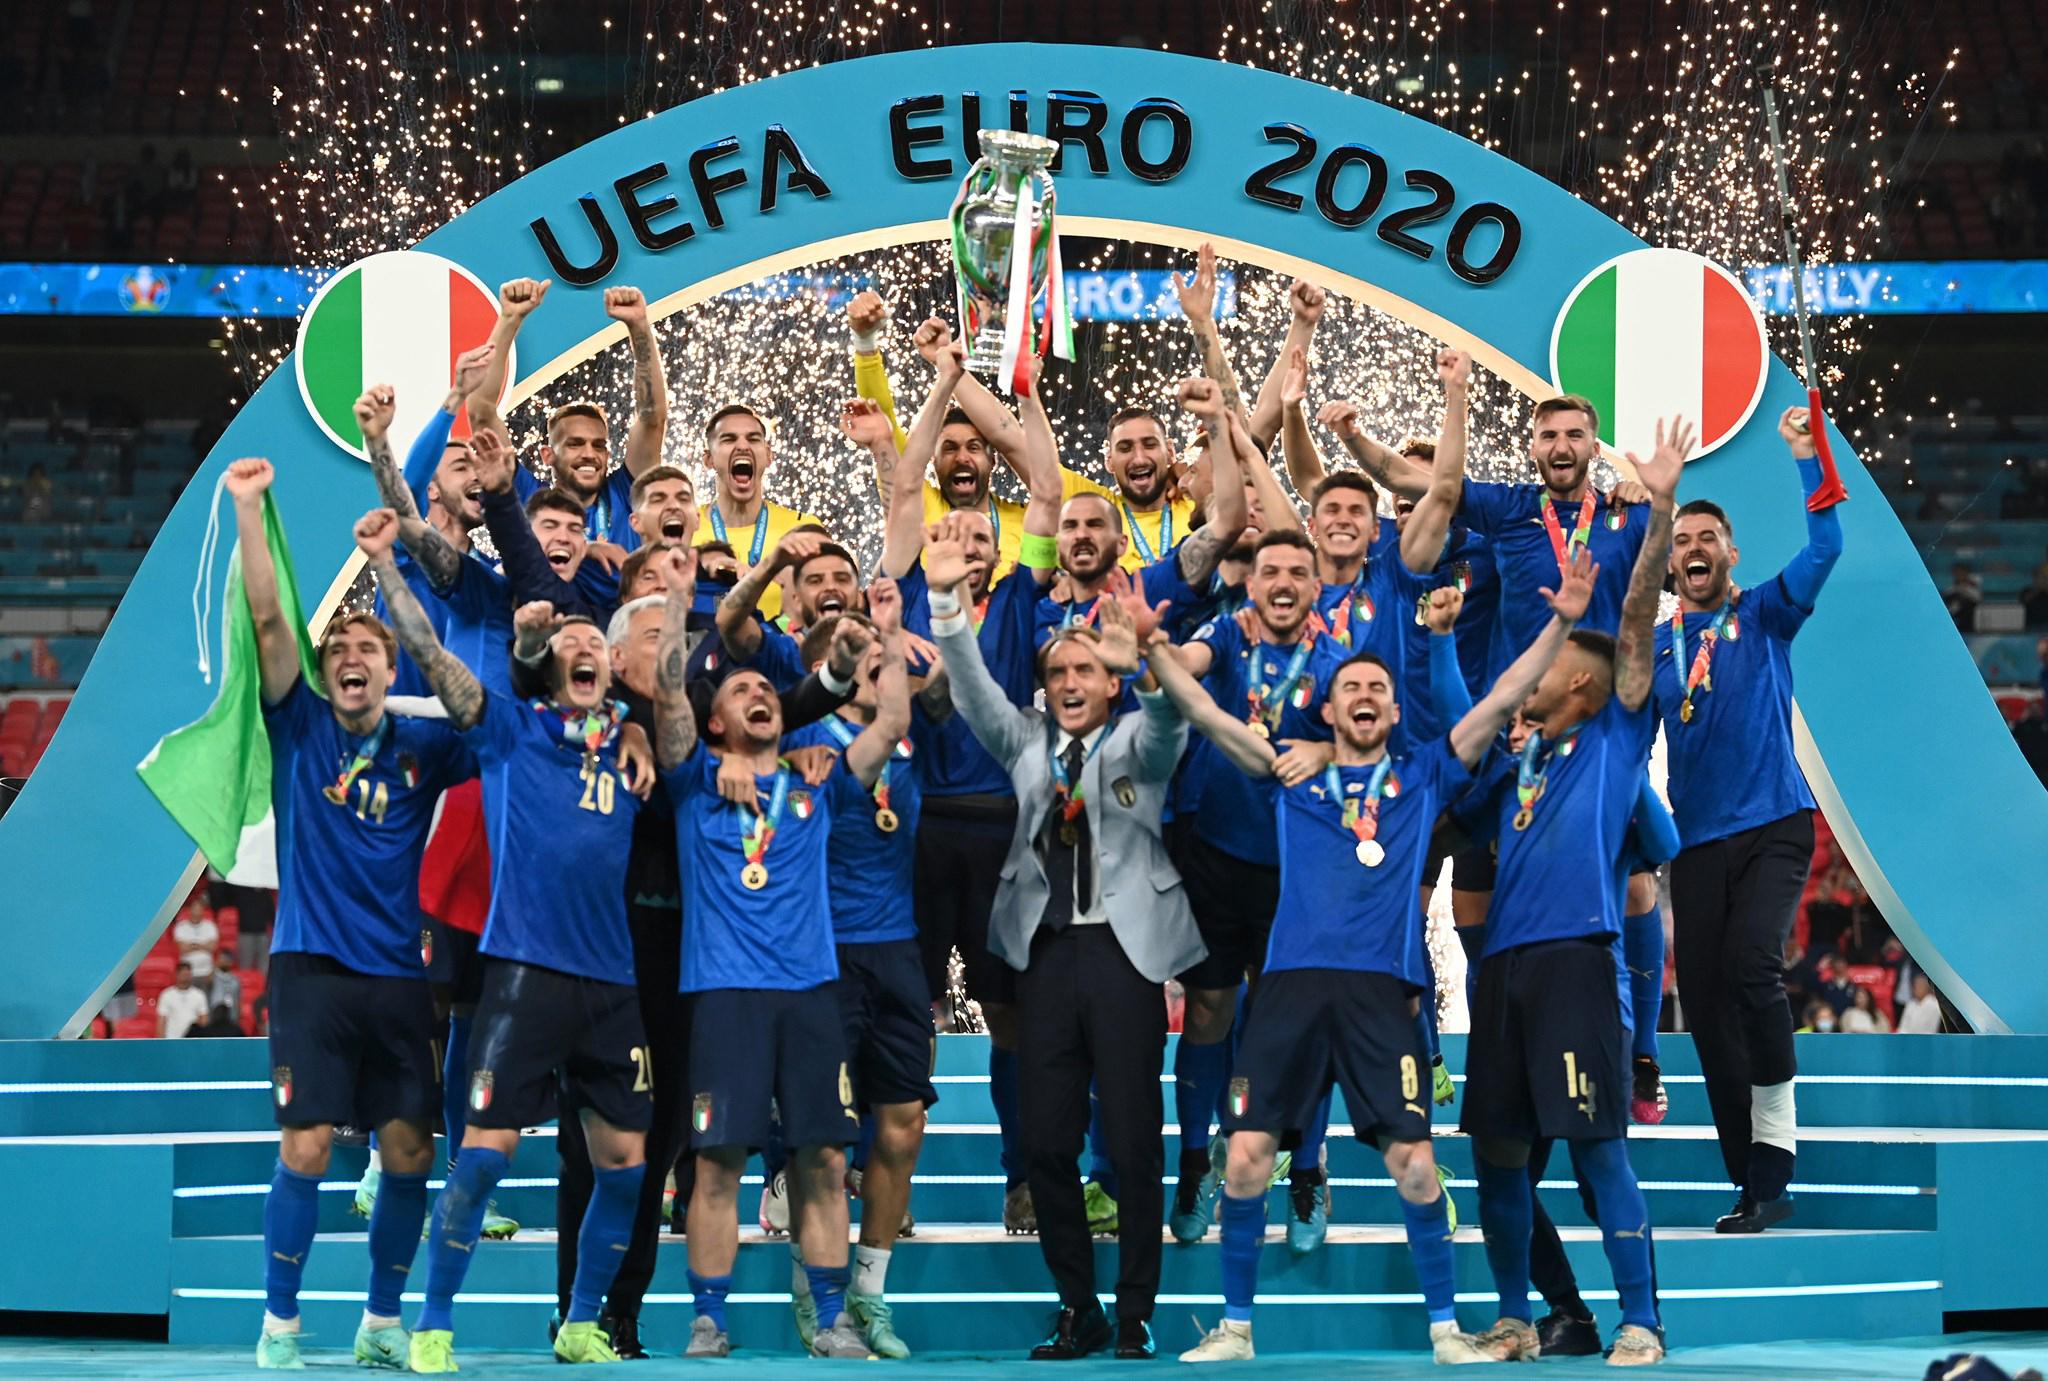 نهائي أورو 2020 لكرة القدم يحطم أرقام المشاهدات في الولايات المتحدة